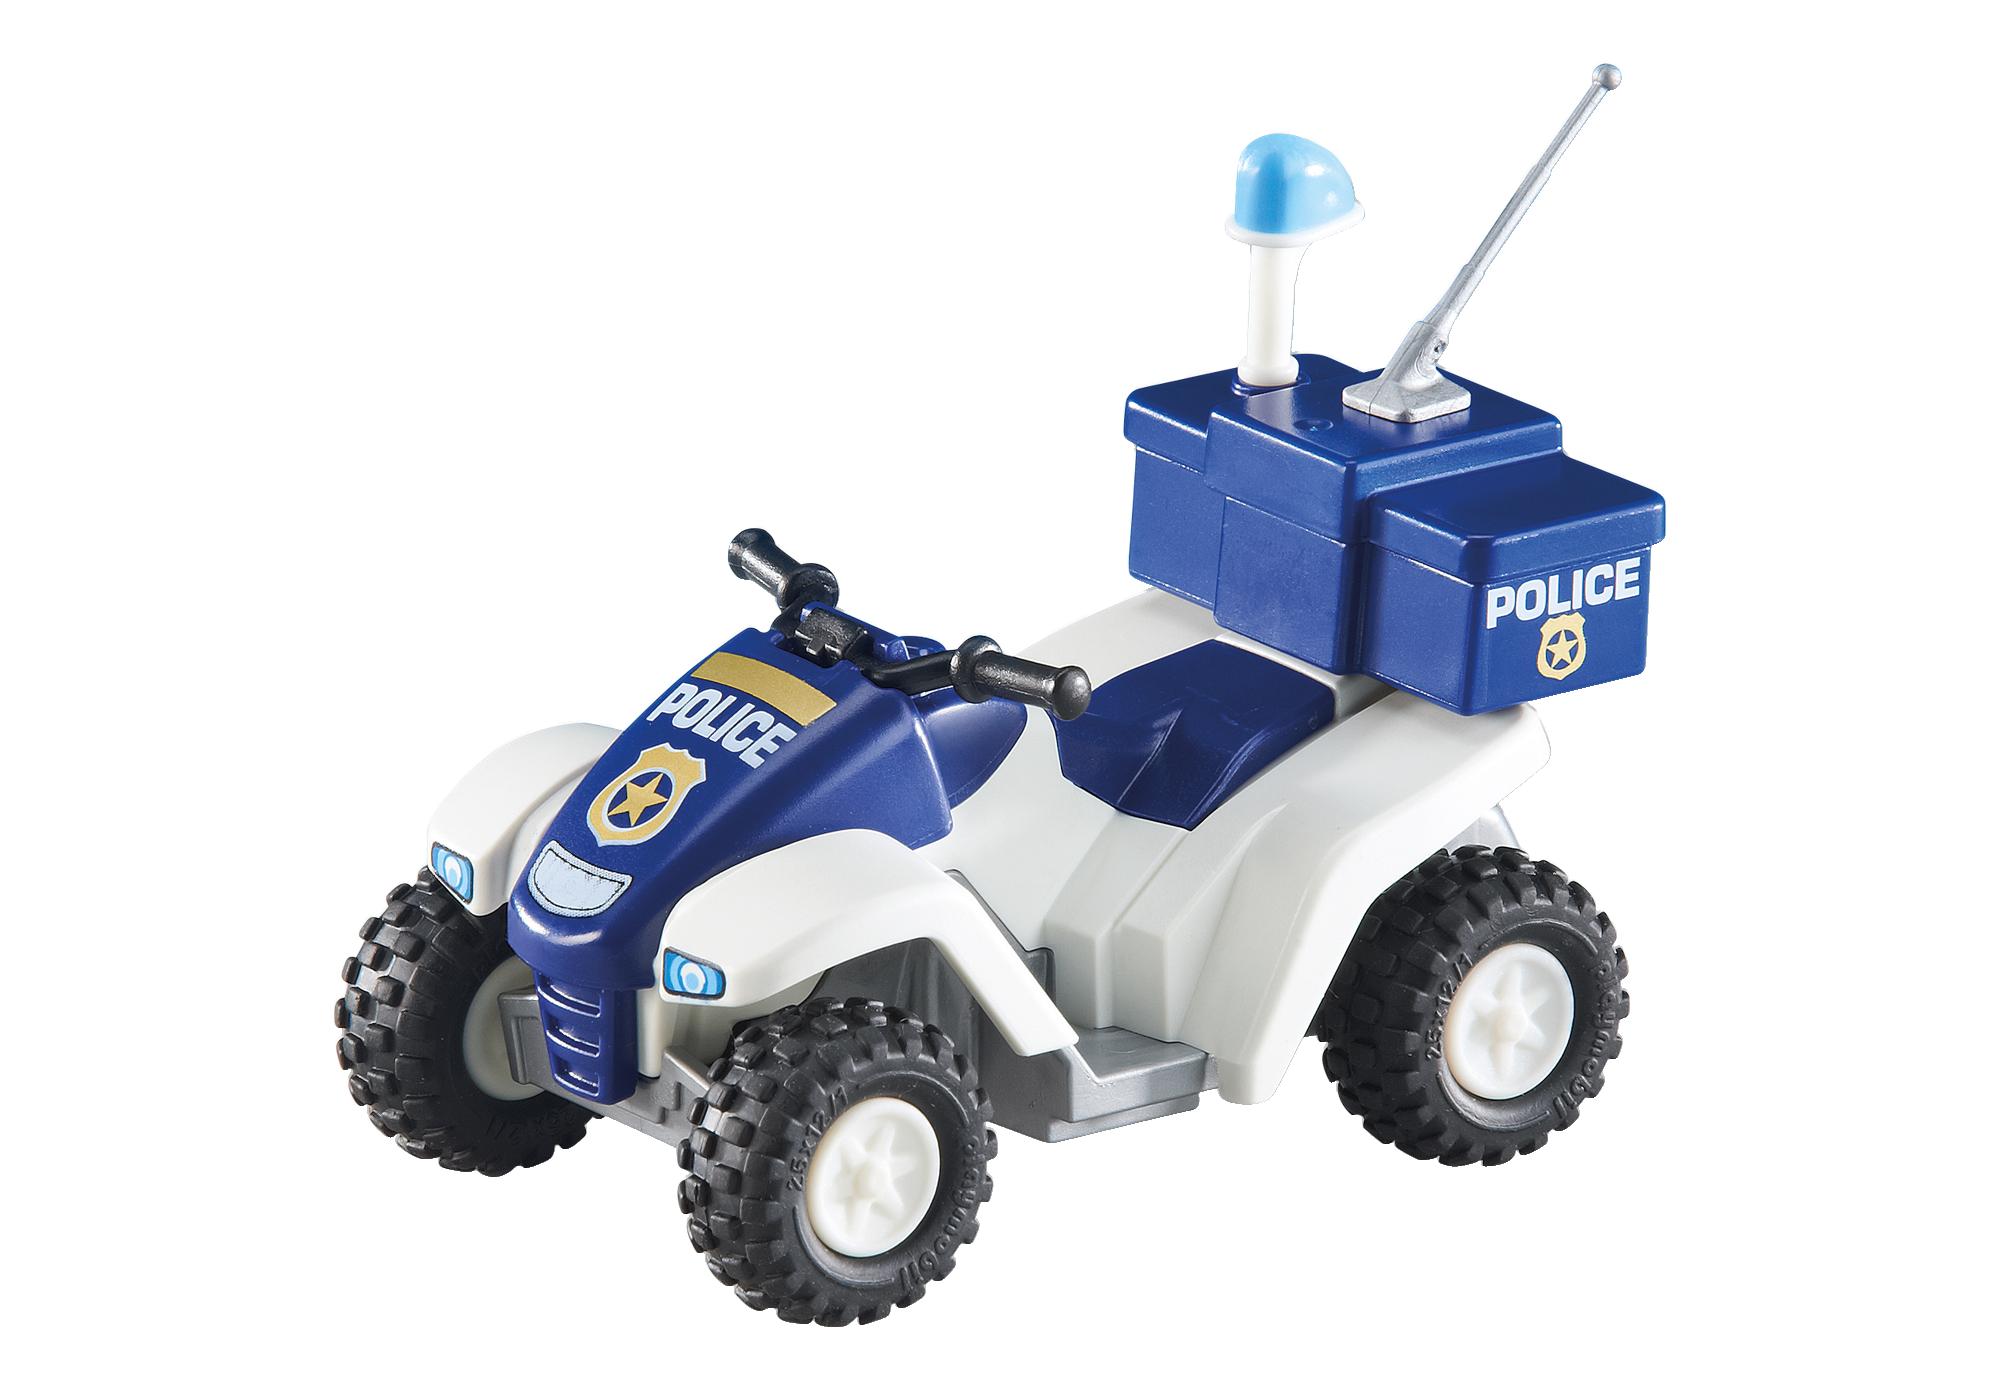 http://media.playmobil.com/i/playmobil/6504_product_detail/Politi-quad